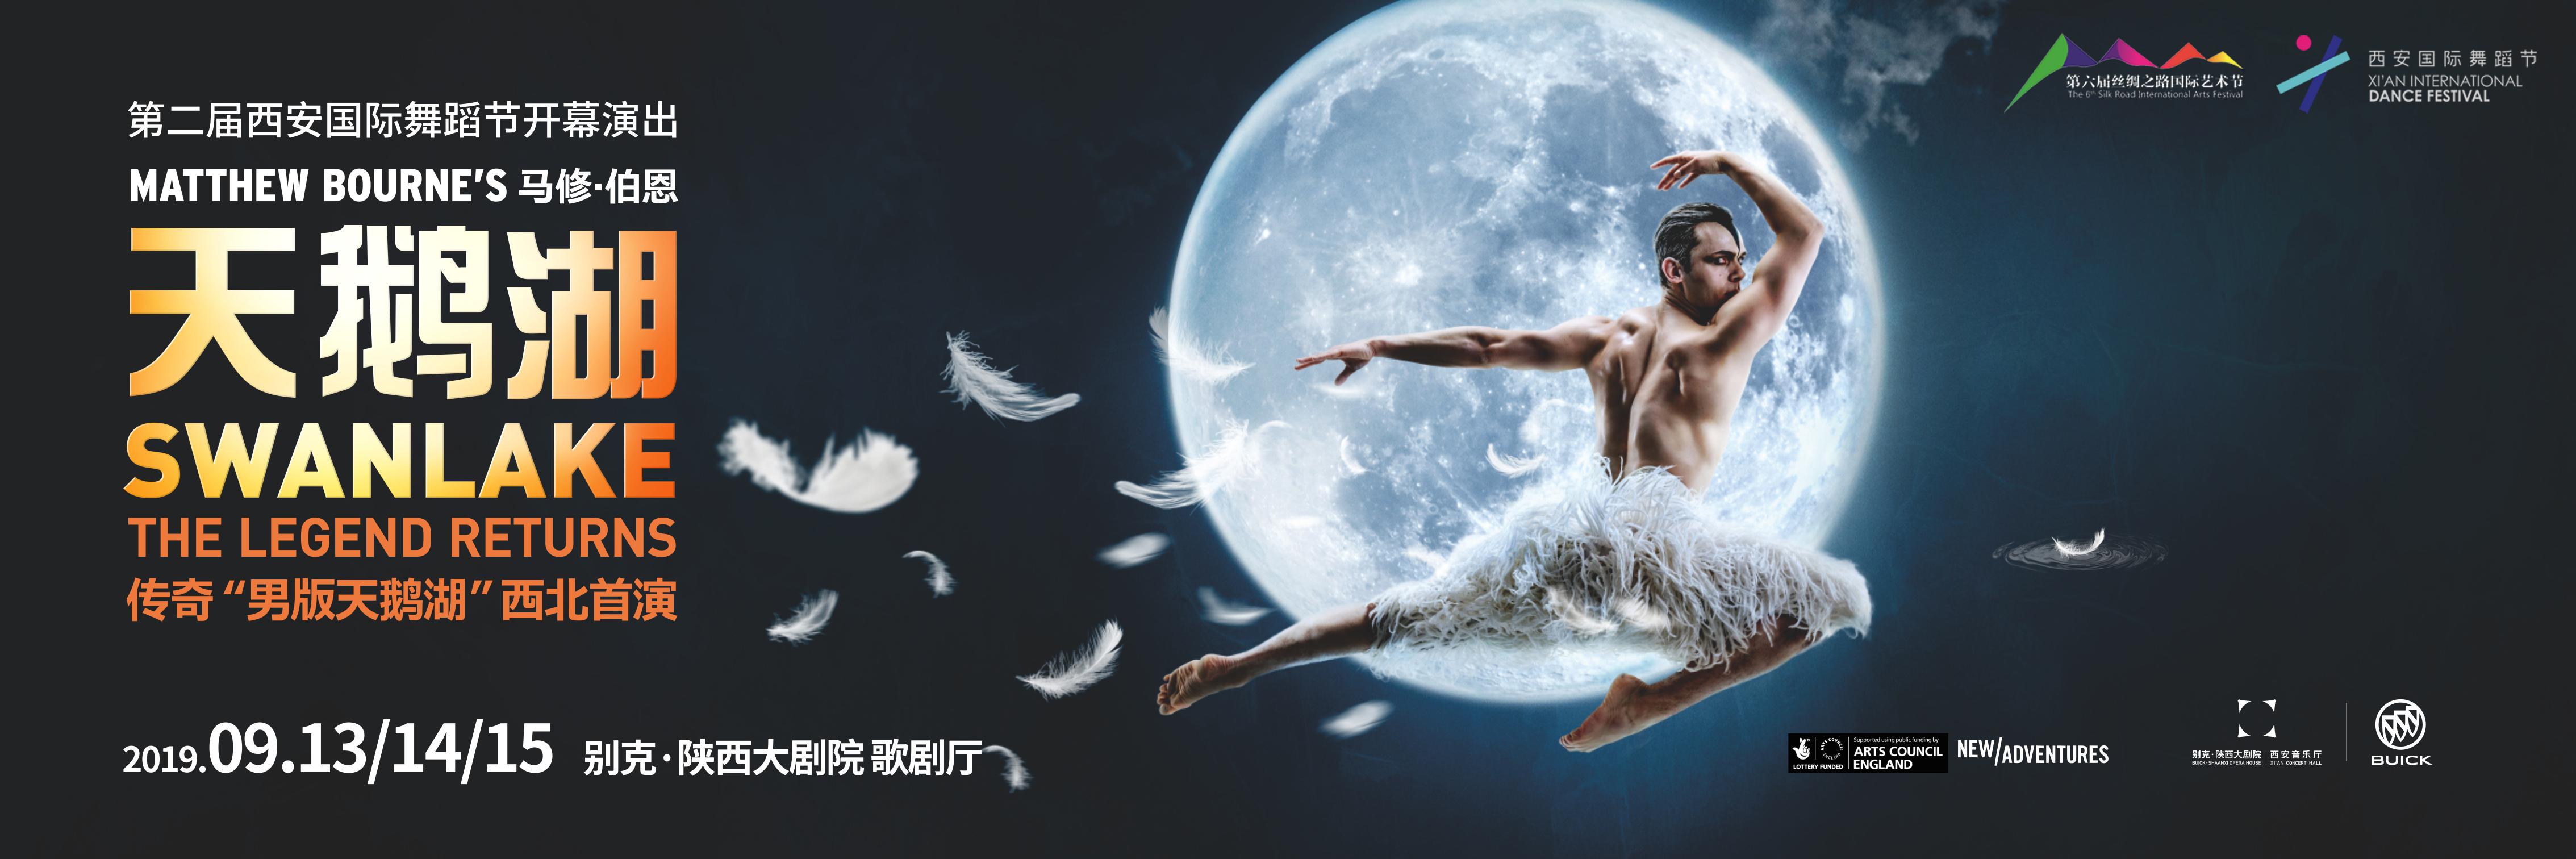 【第二届西安国际舞蹈节】开幕演出 马修·伯恩舞剧《天鹅湖》